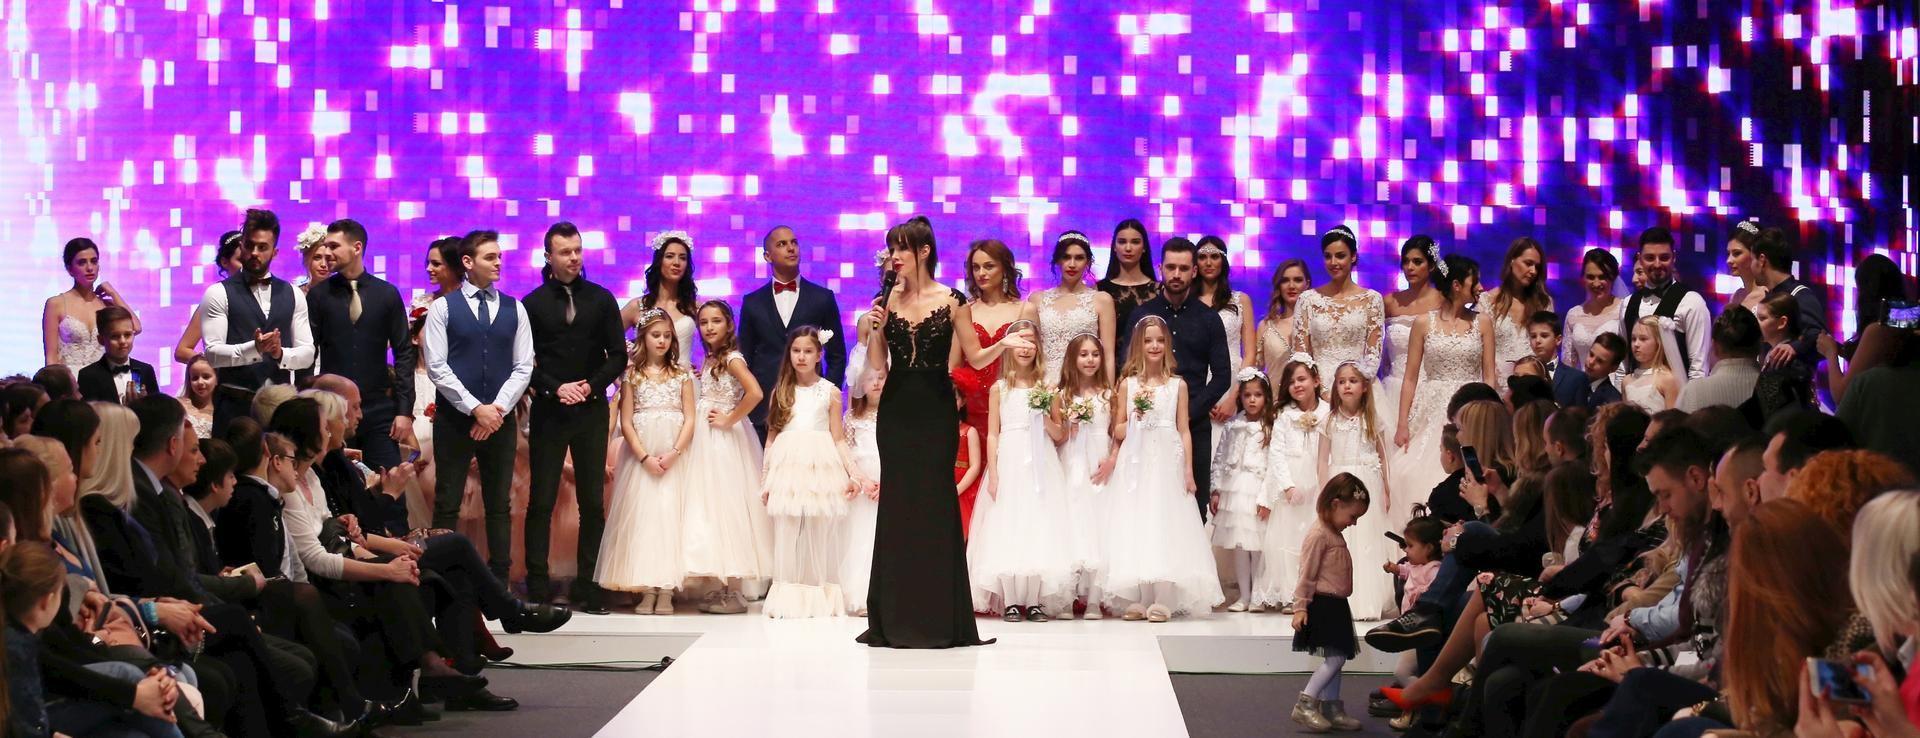 FOTO: Odlični glazbeni nastupi i humanitarna VIP revija obilježili Sajam vjenčanja Zagreb